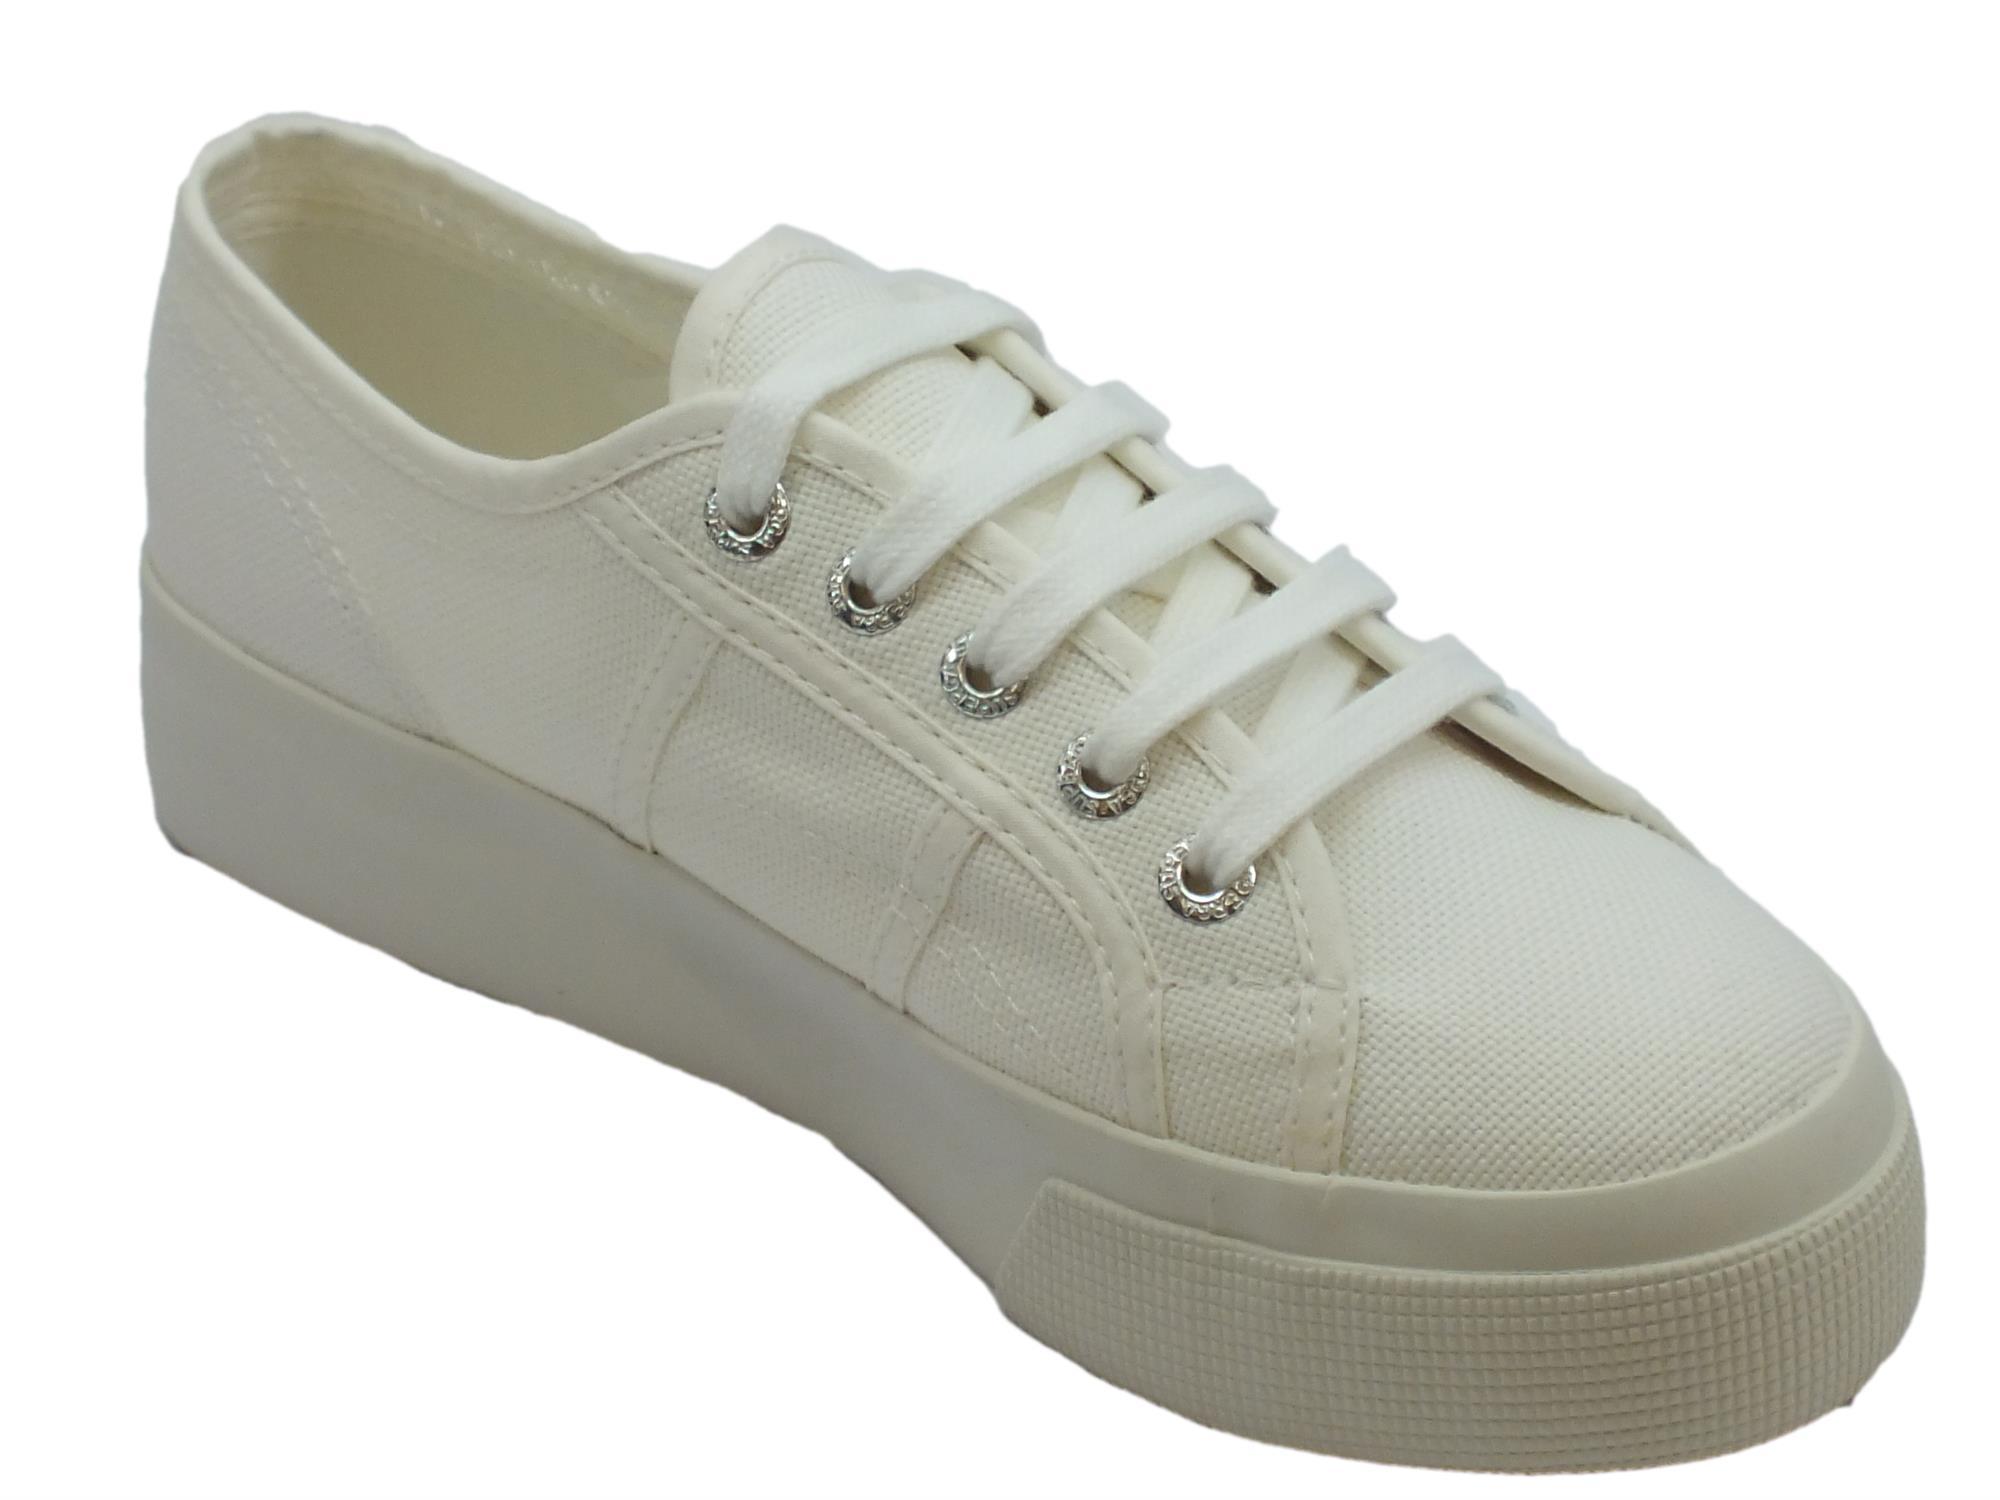 ... Scarpe sportive Superga per donna in tessuto bianco con zeppa media ... c9cb6a98817